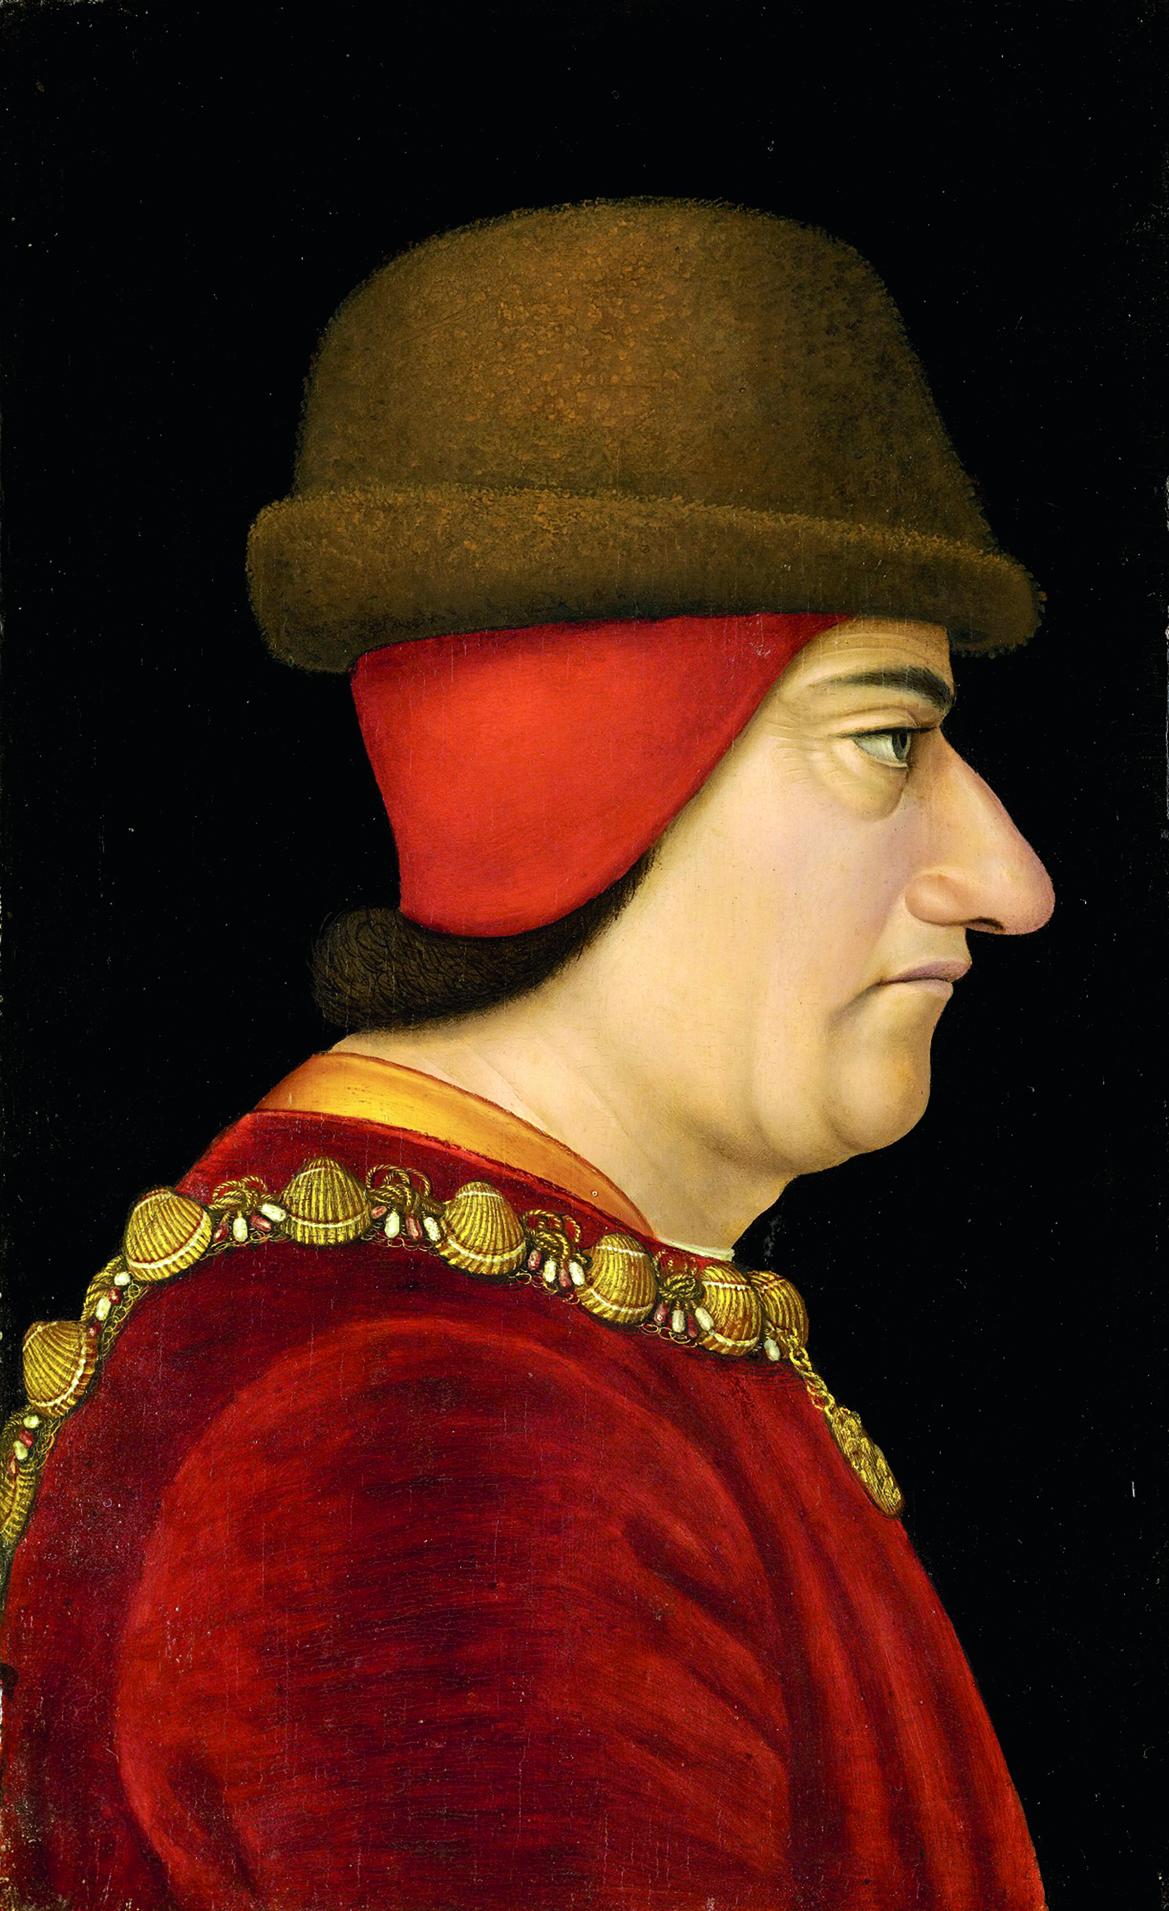 Людовик XI неотличался красотой иатлетической статью.